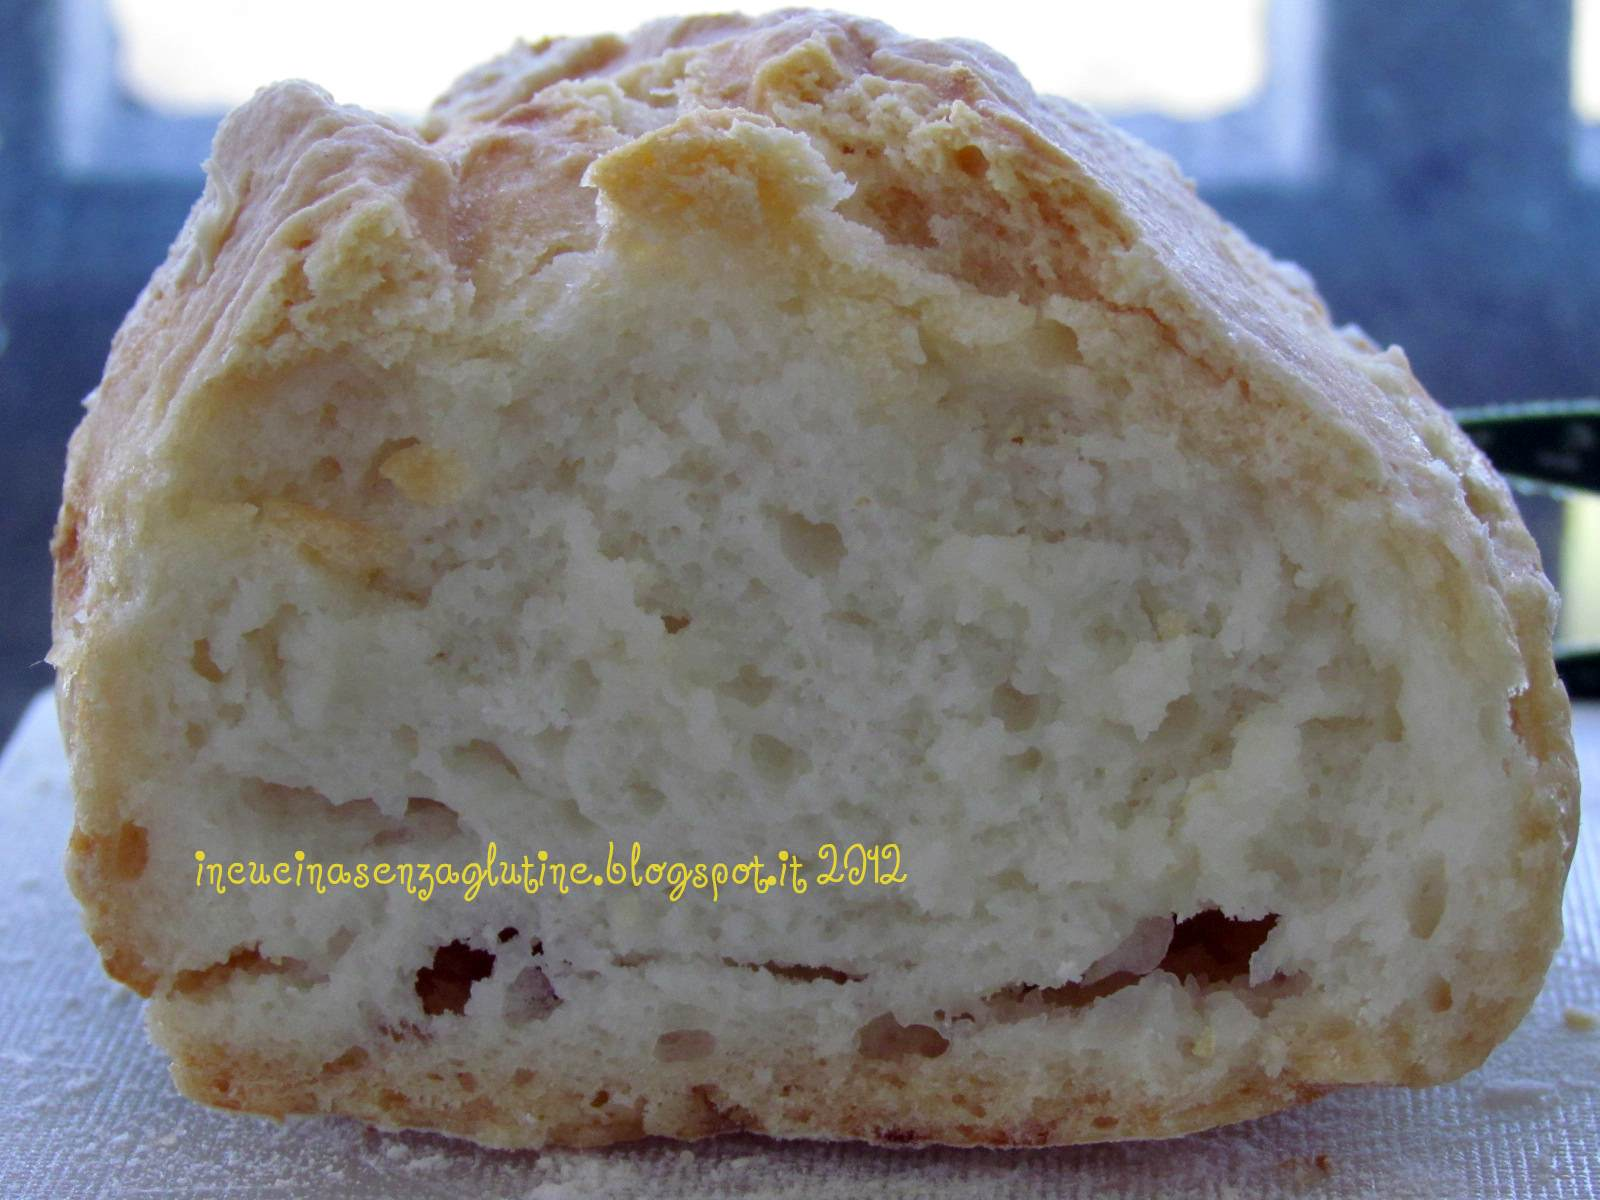 Eccezionale In cucina senza glutine : pane con farine naturalmente senza glutine AA26